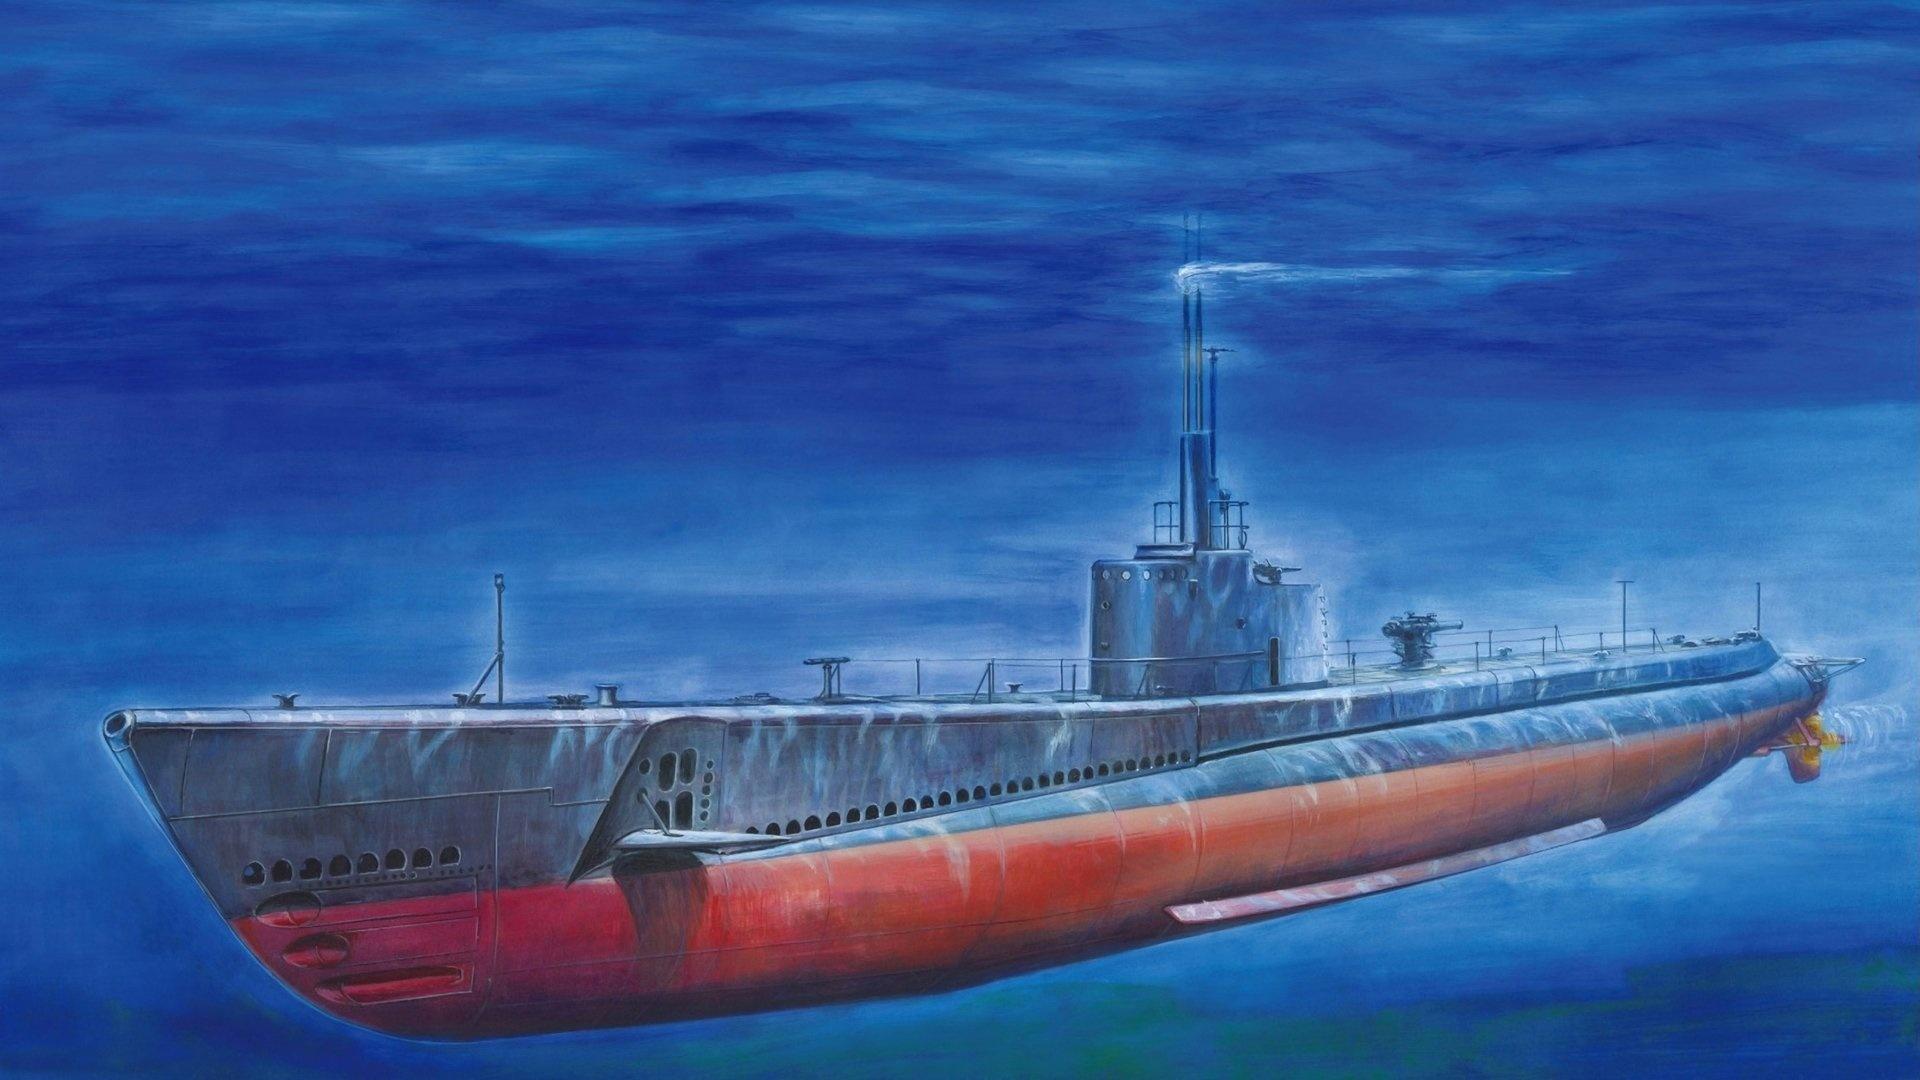 偏向虎山行:美國海軍李氏鮻號潛艇(SS-257)小傳